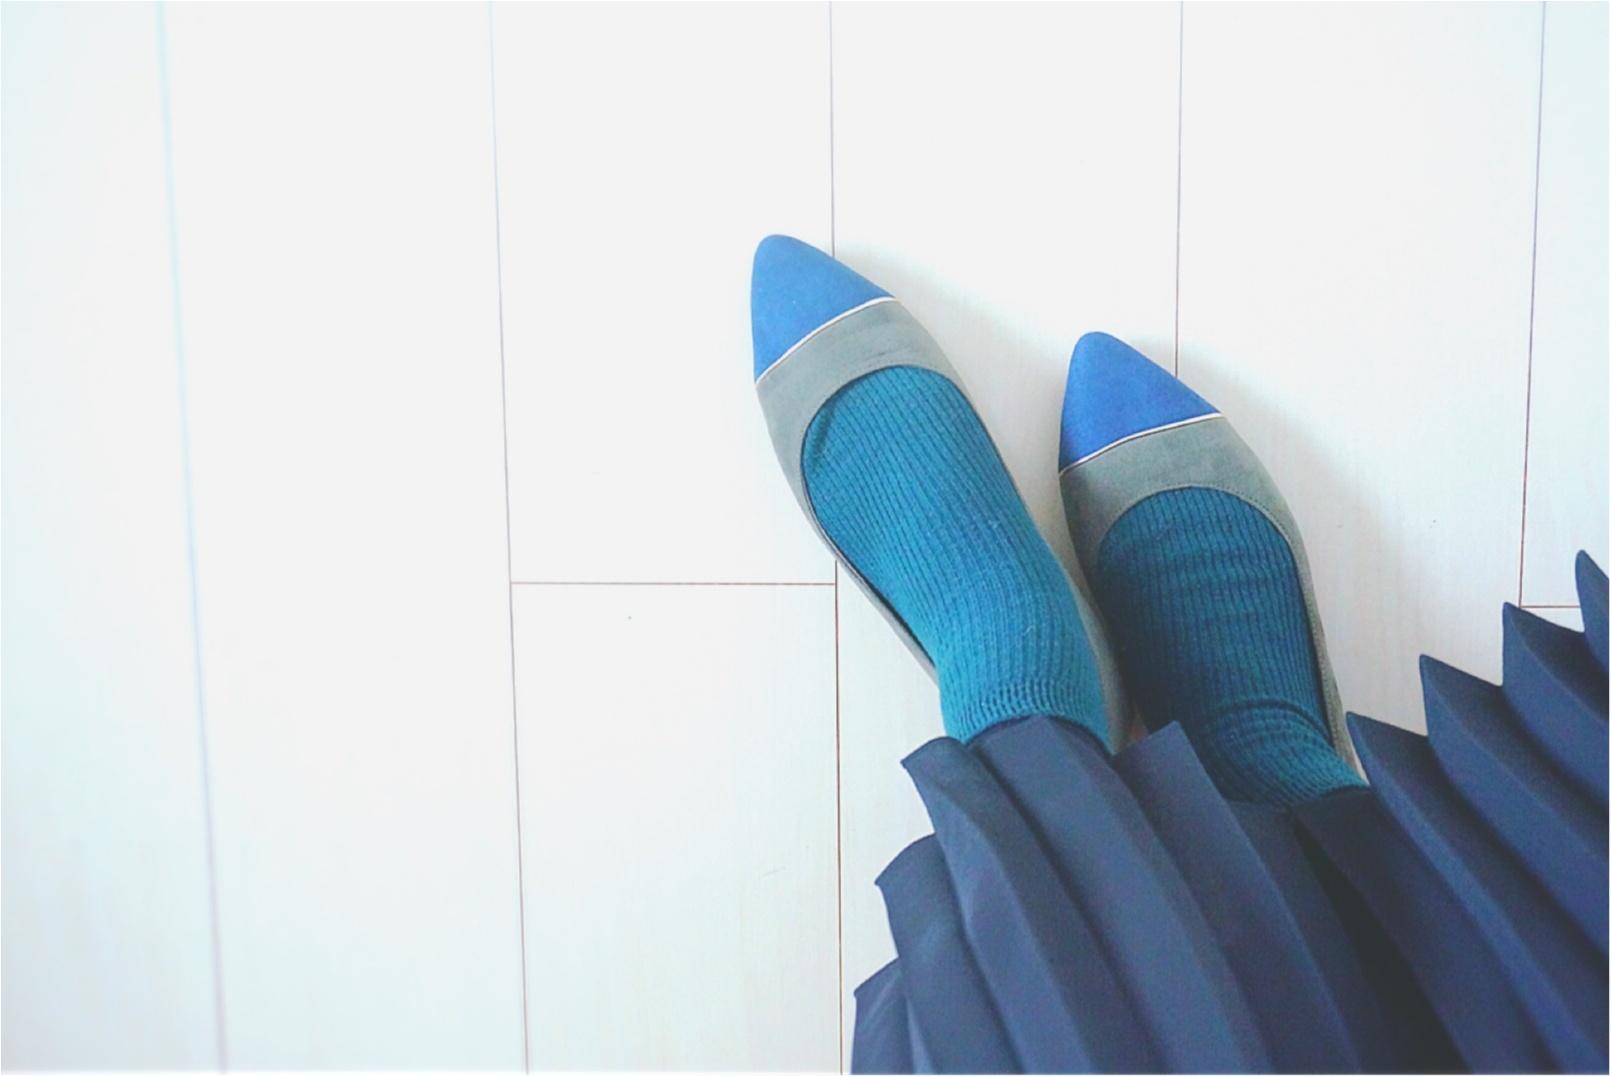 いつもの服に+ひと手間で《褒められコーデ》に❤️【12月のコーデアイデア】3選!_8